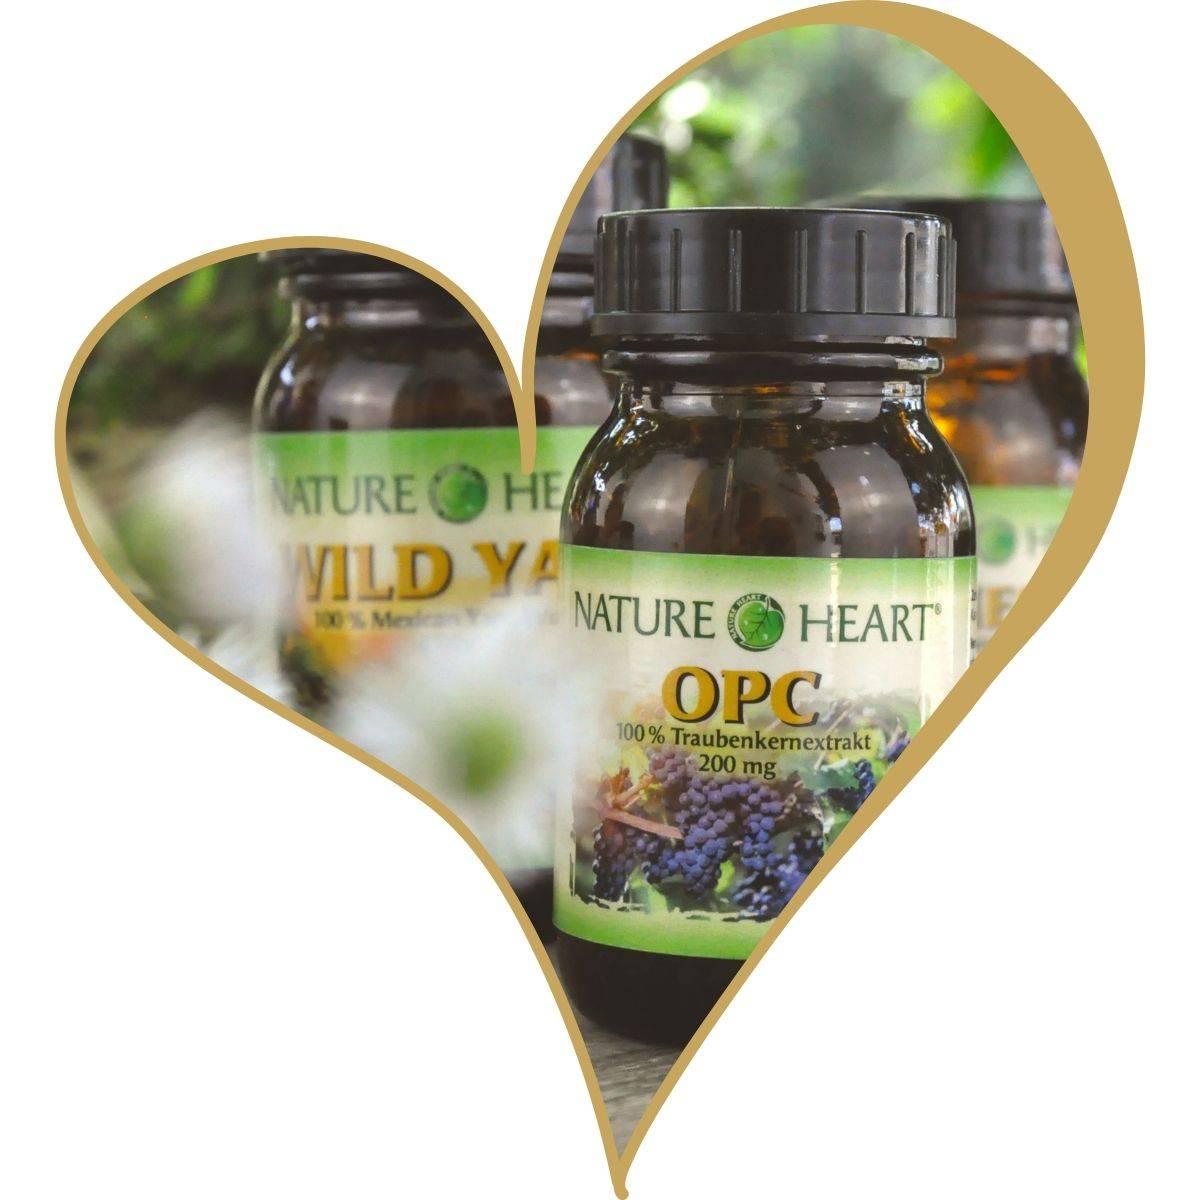 OPC Produktfoto mit Herz